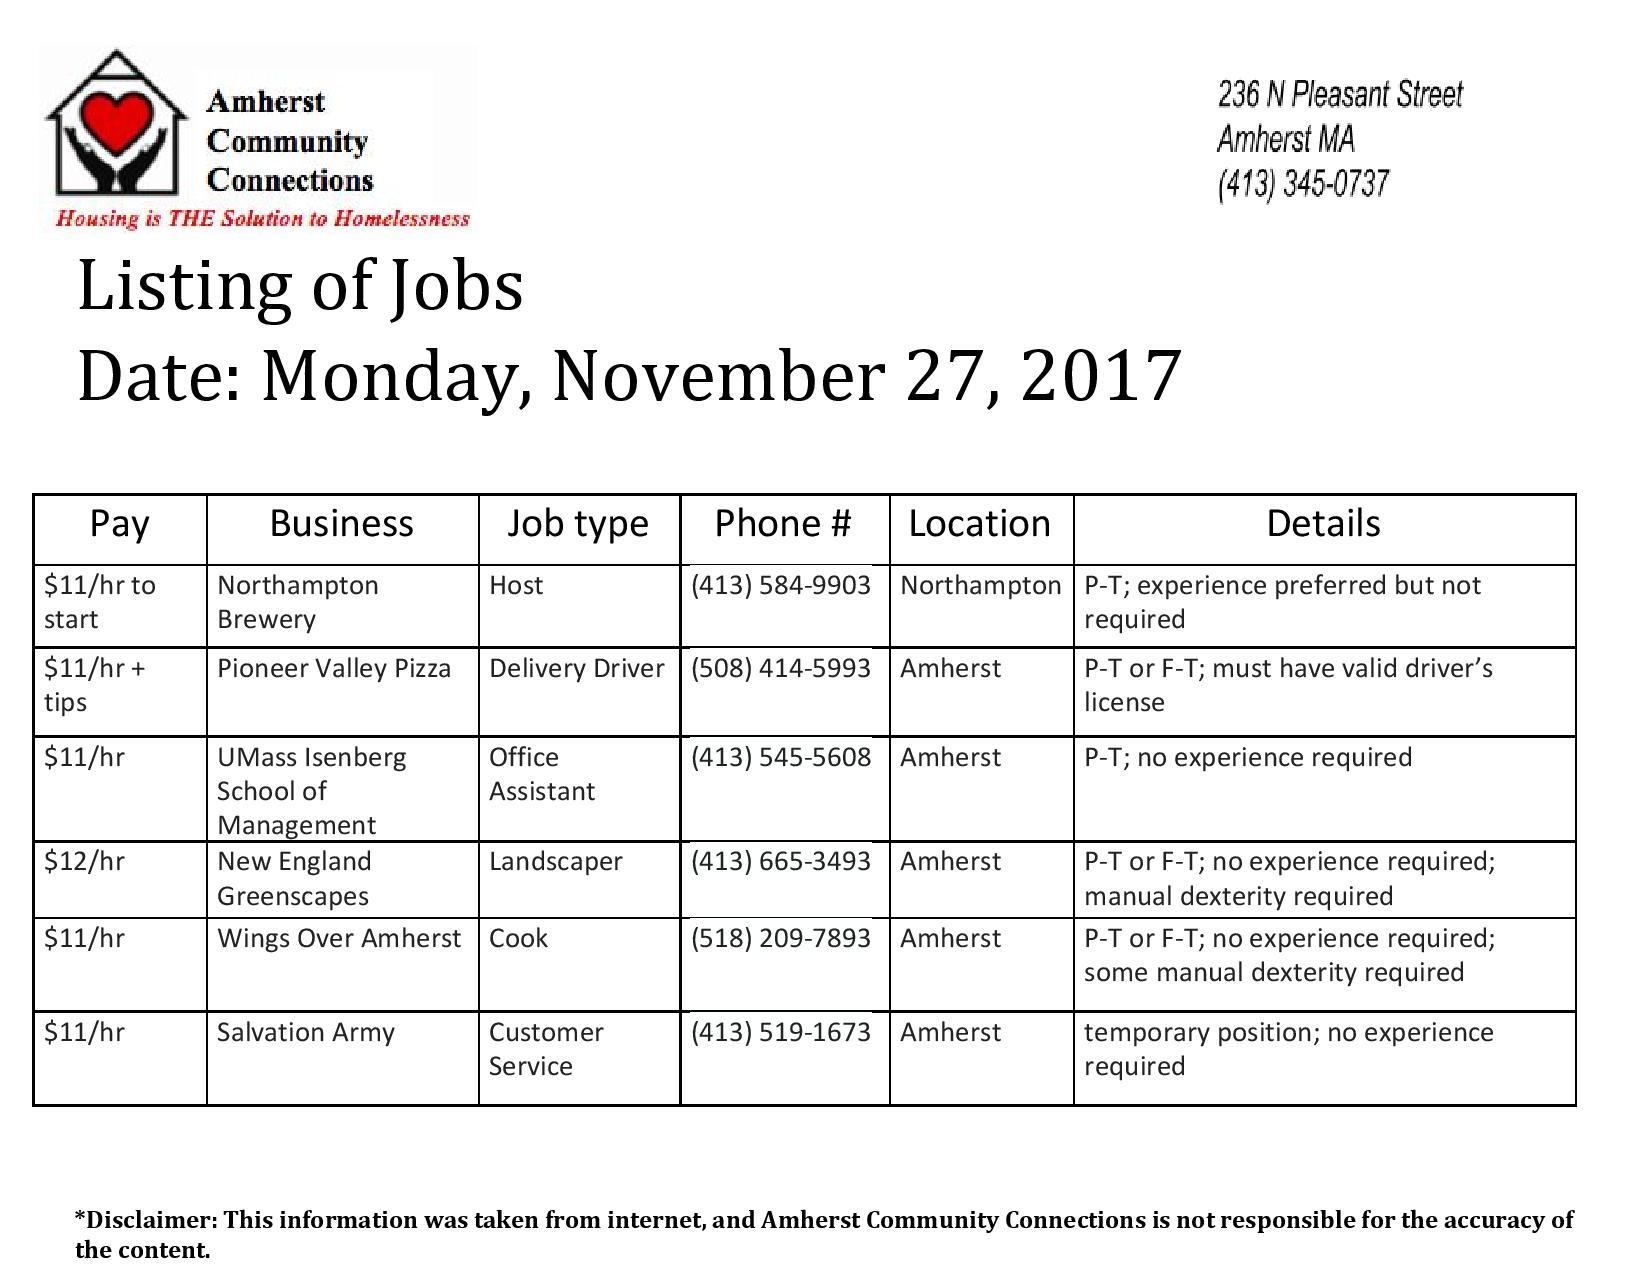 Job search form 11 2F27 2F17-page-001.jpg